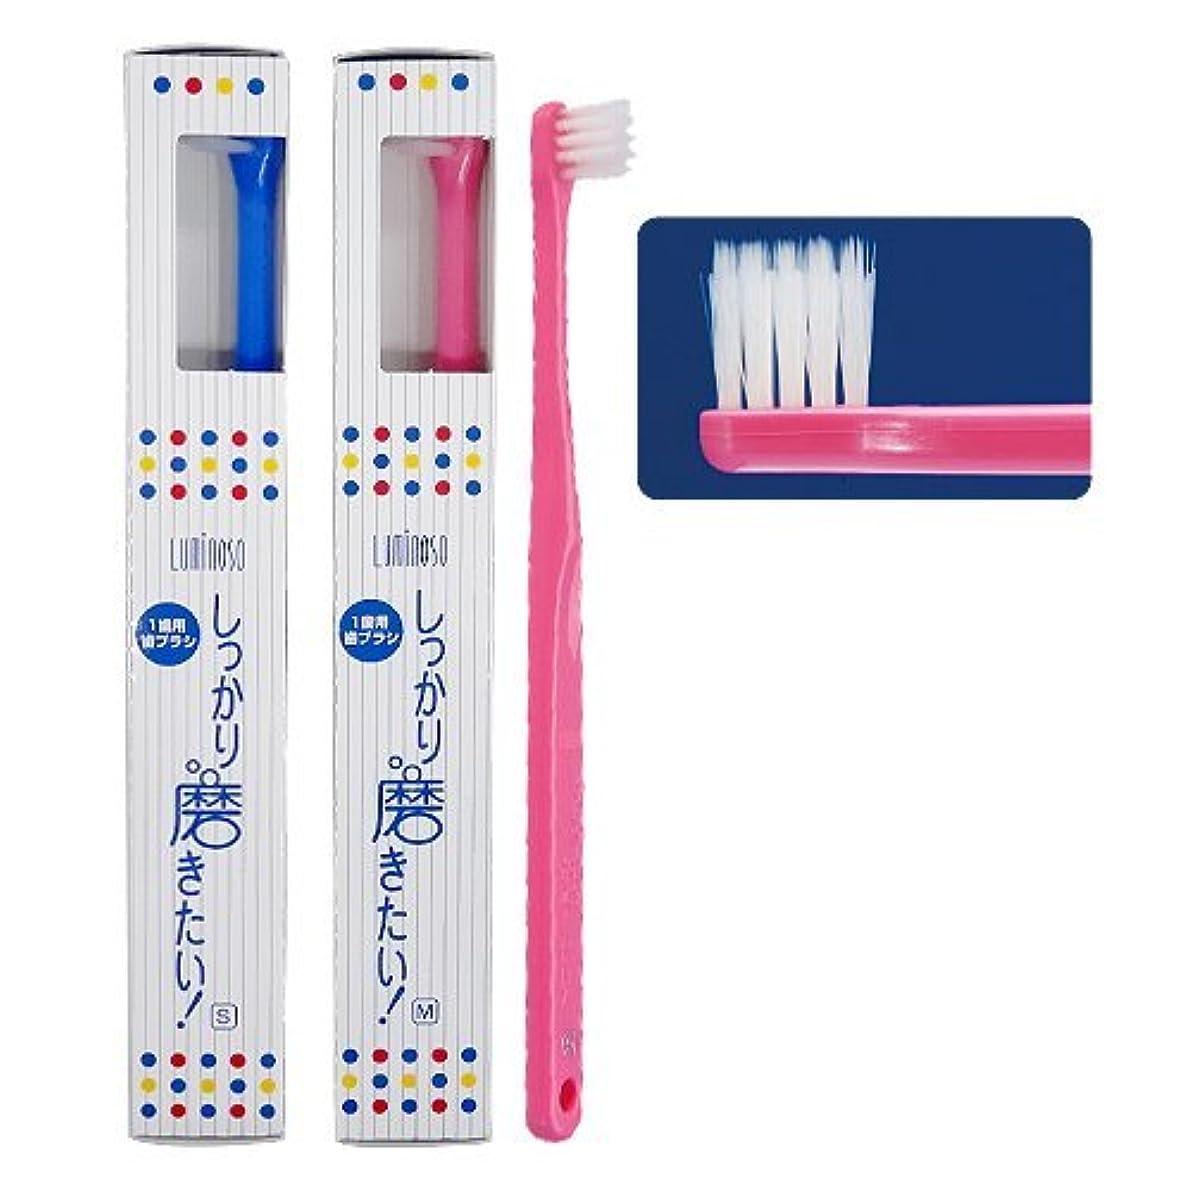 ルミノソ 1歯用歯ブラシ「しっかり磨きたい!」スタンダード ソフト (カラー指定不可) 10本